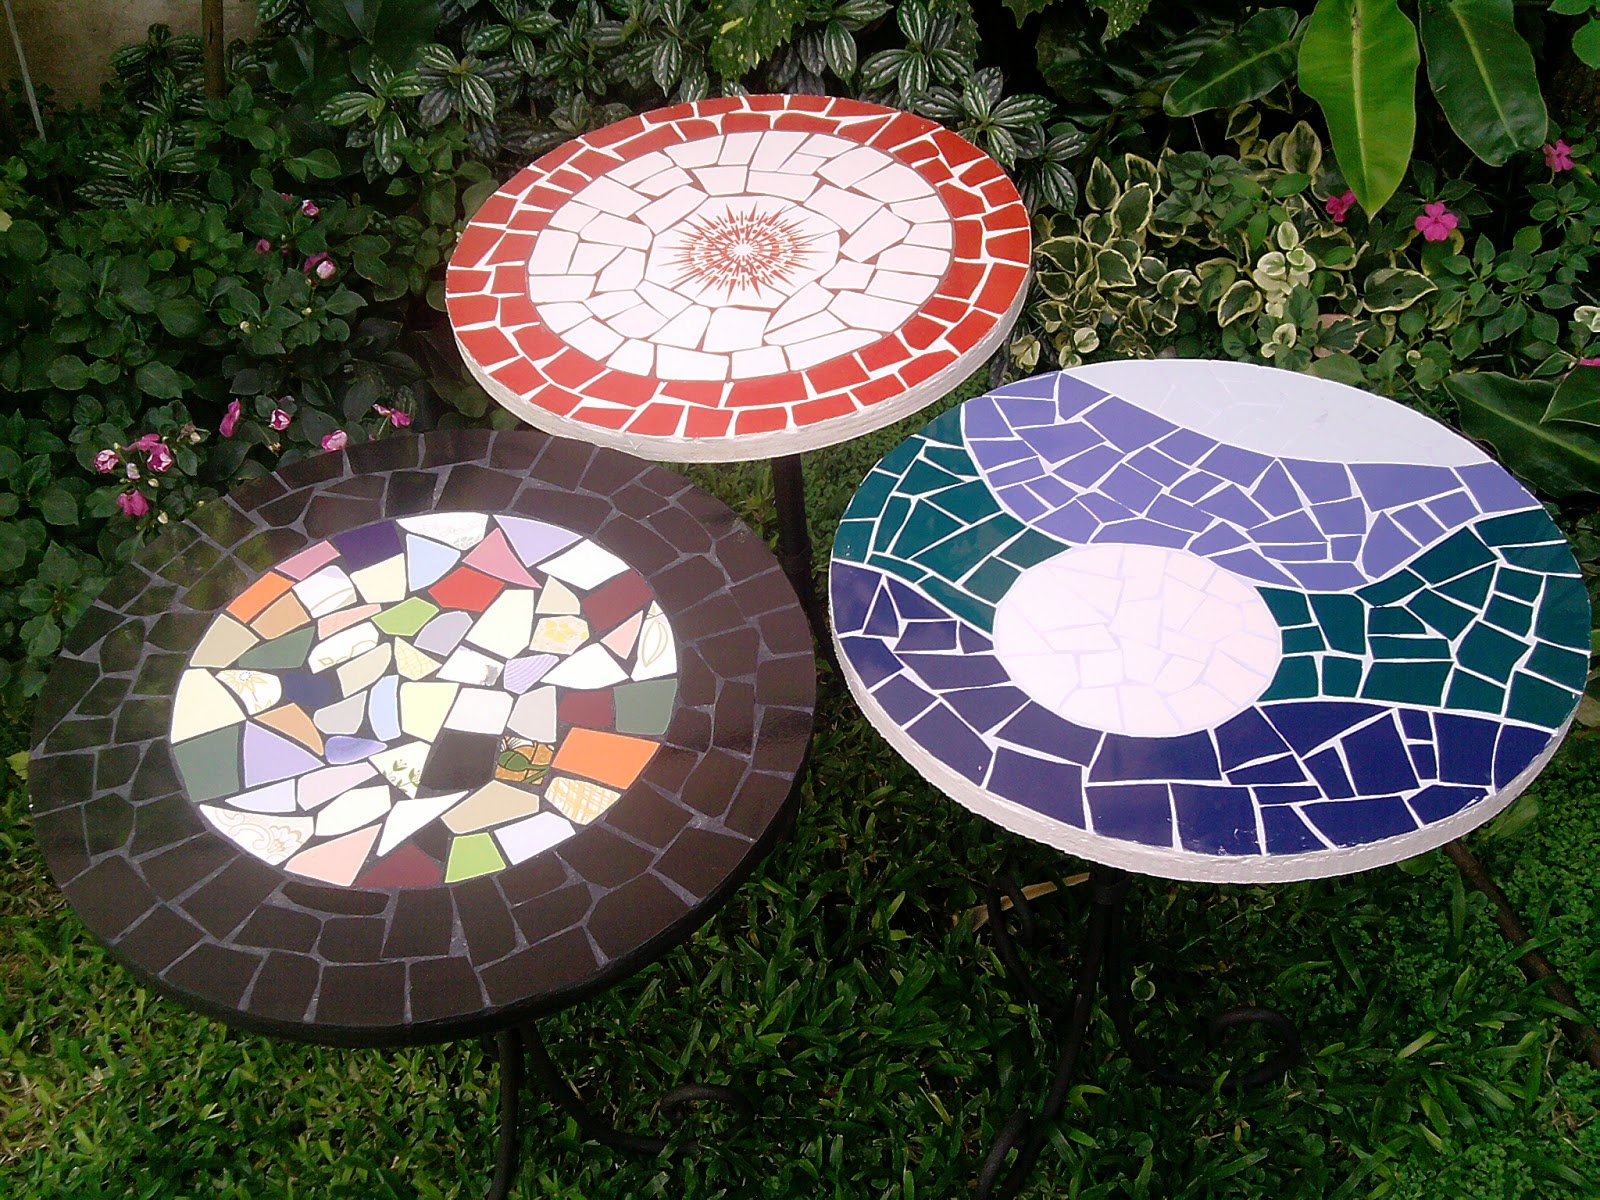 Mambanegra mosaicos mesas redondas 45 cm di metro for Mosaicos para jardin